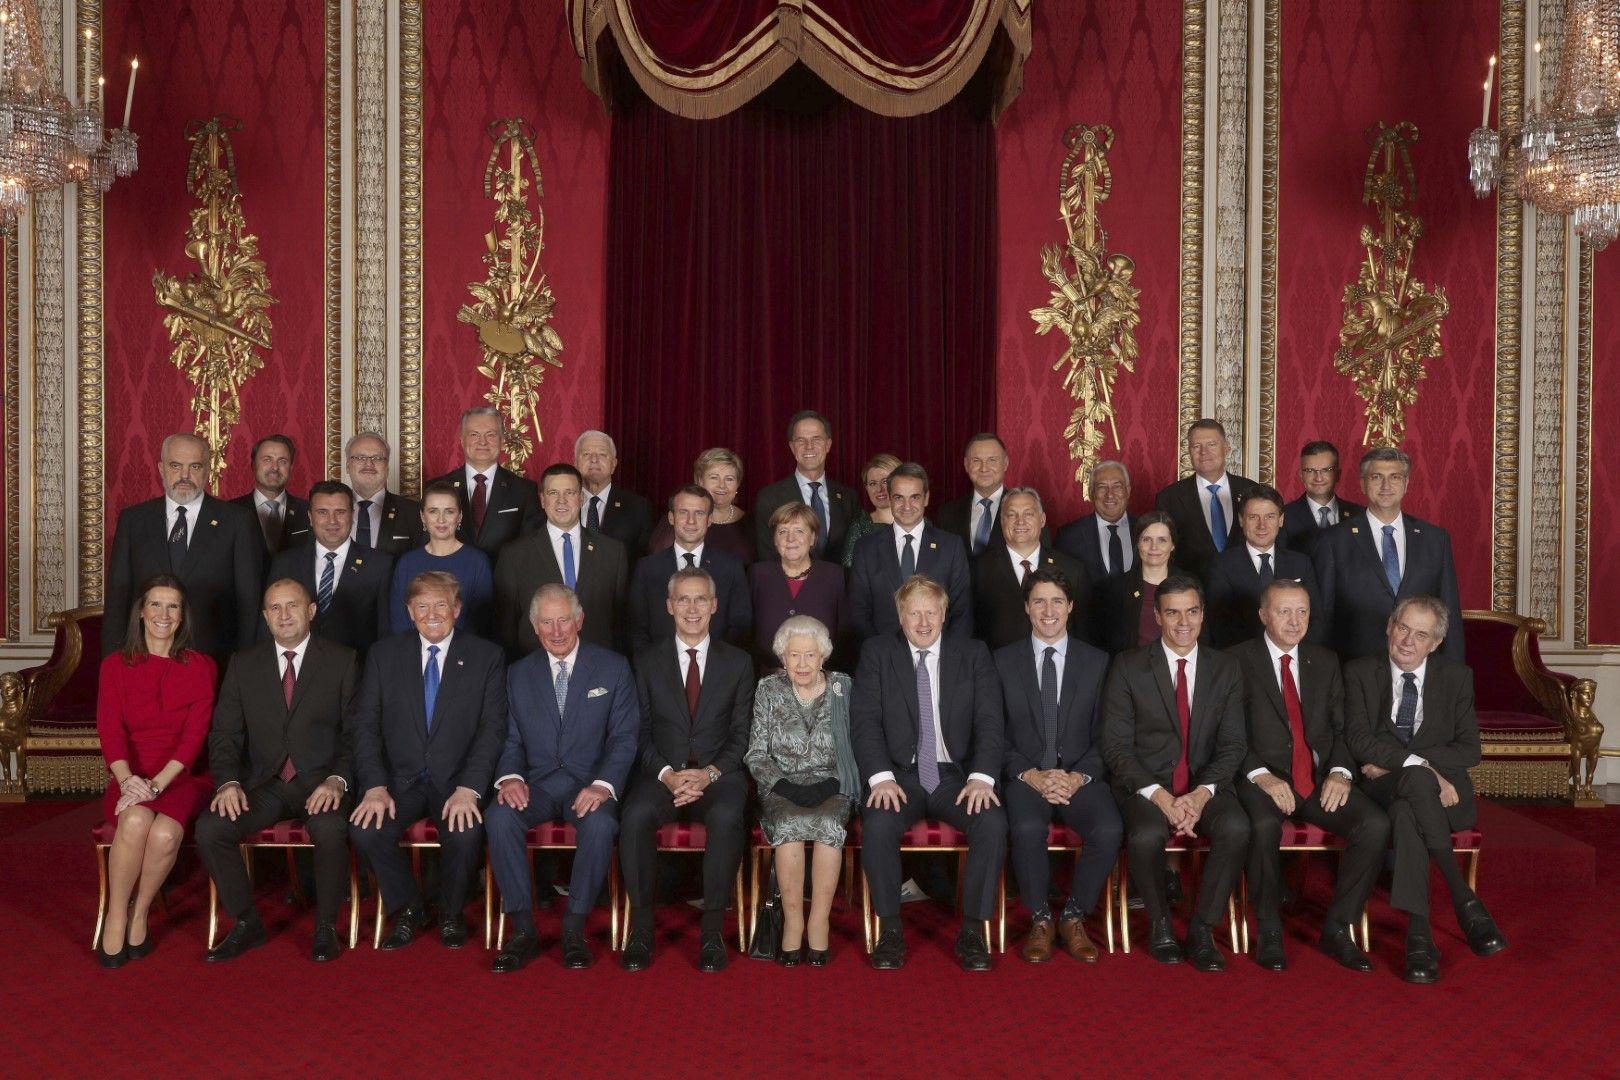 Кралица Елизабет II даде прием в чест на лидерите на страните от НАТО, събрали се в Лондон по случай 70-годишнината на алианса